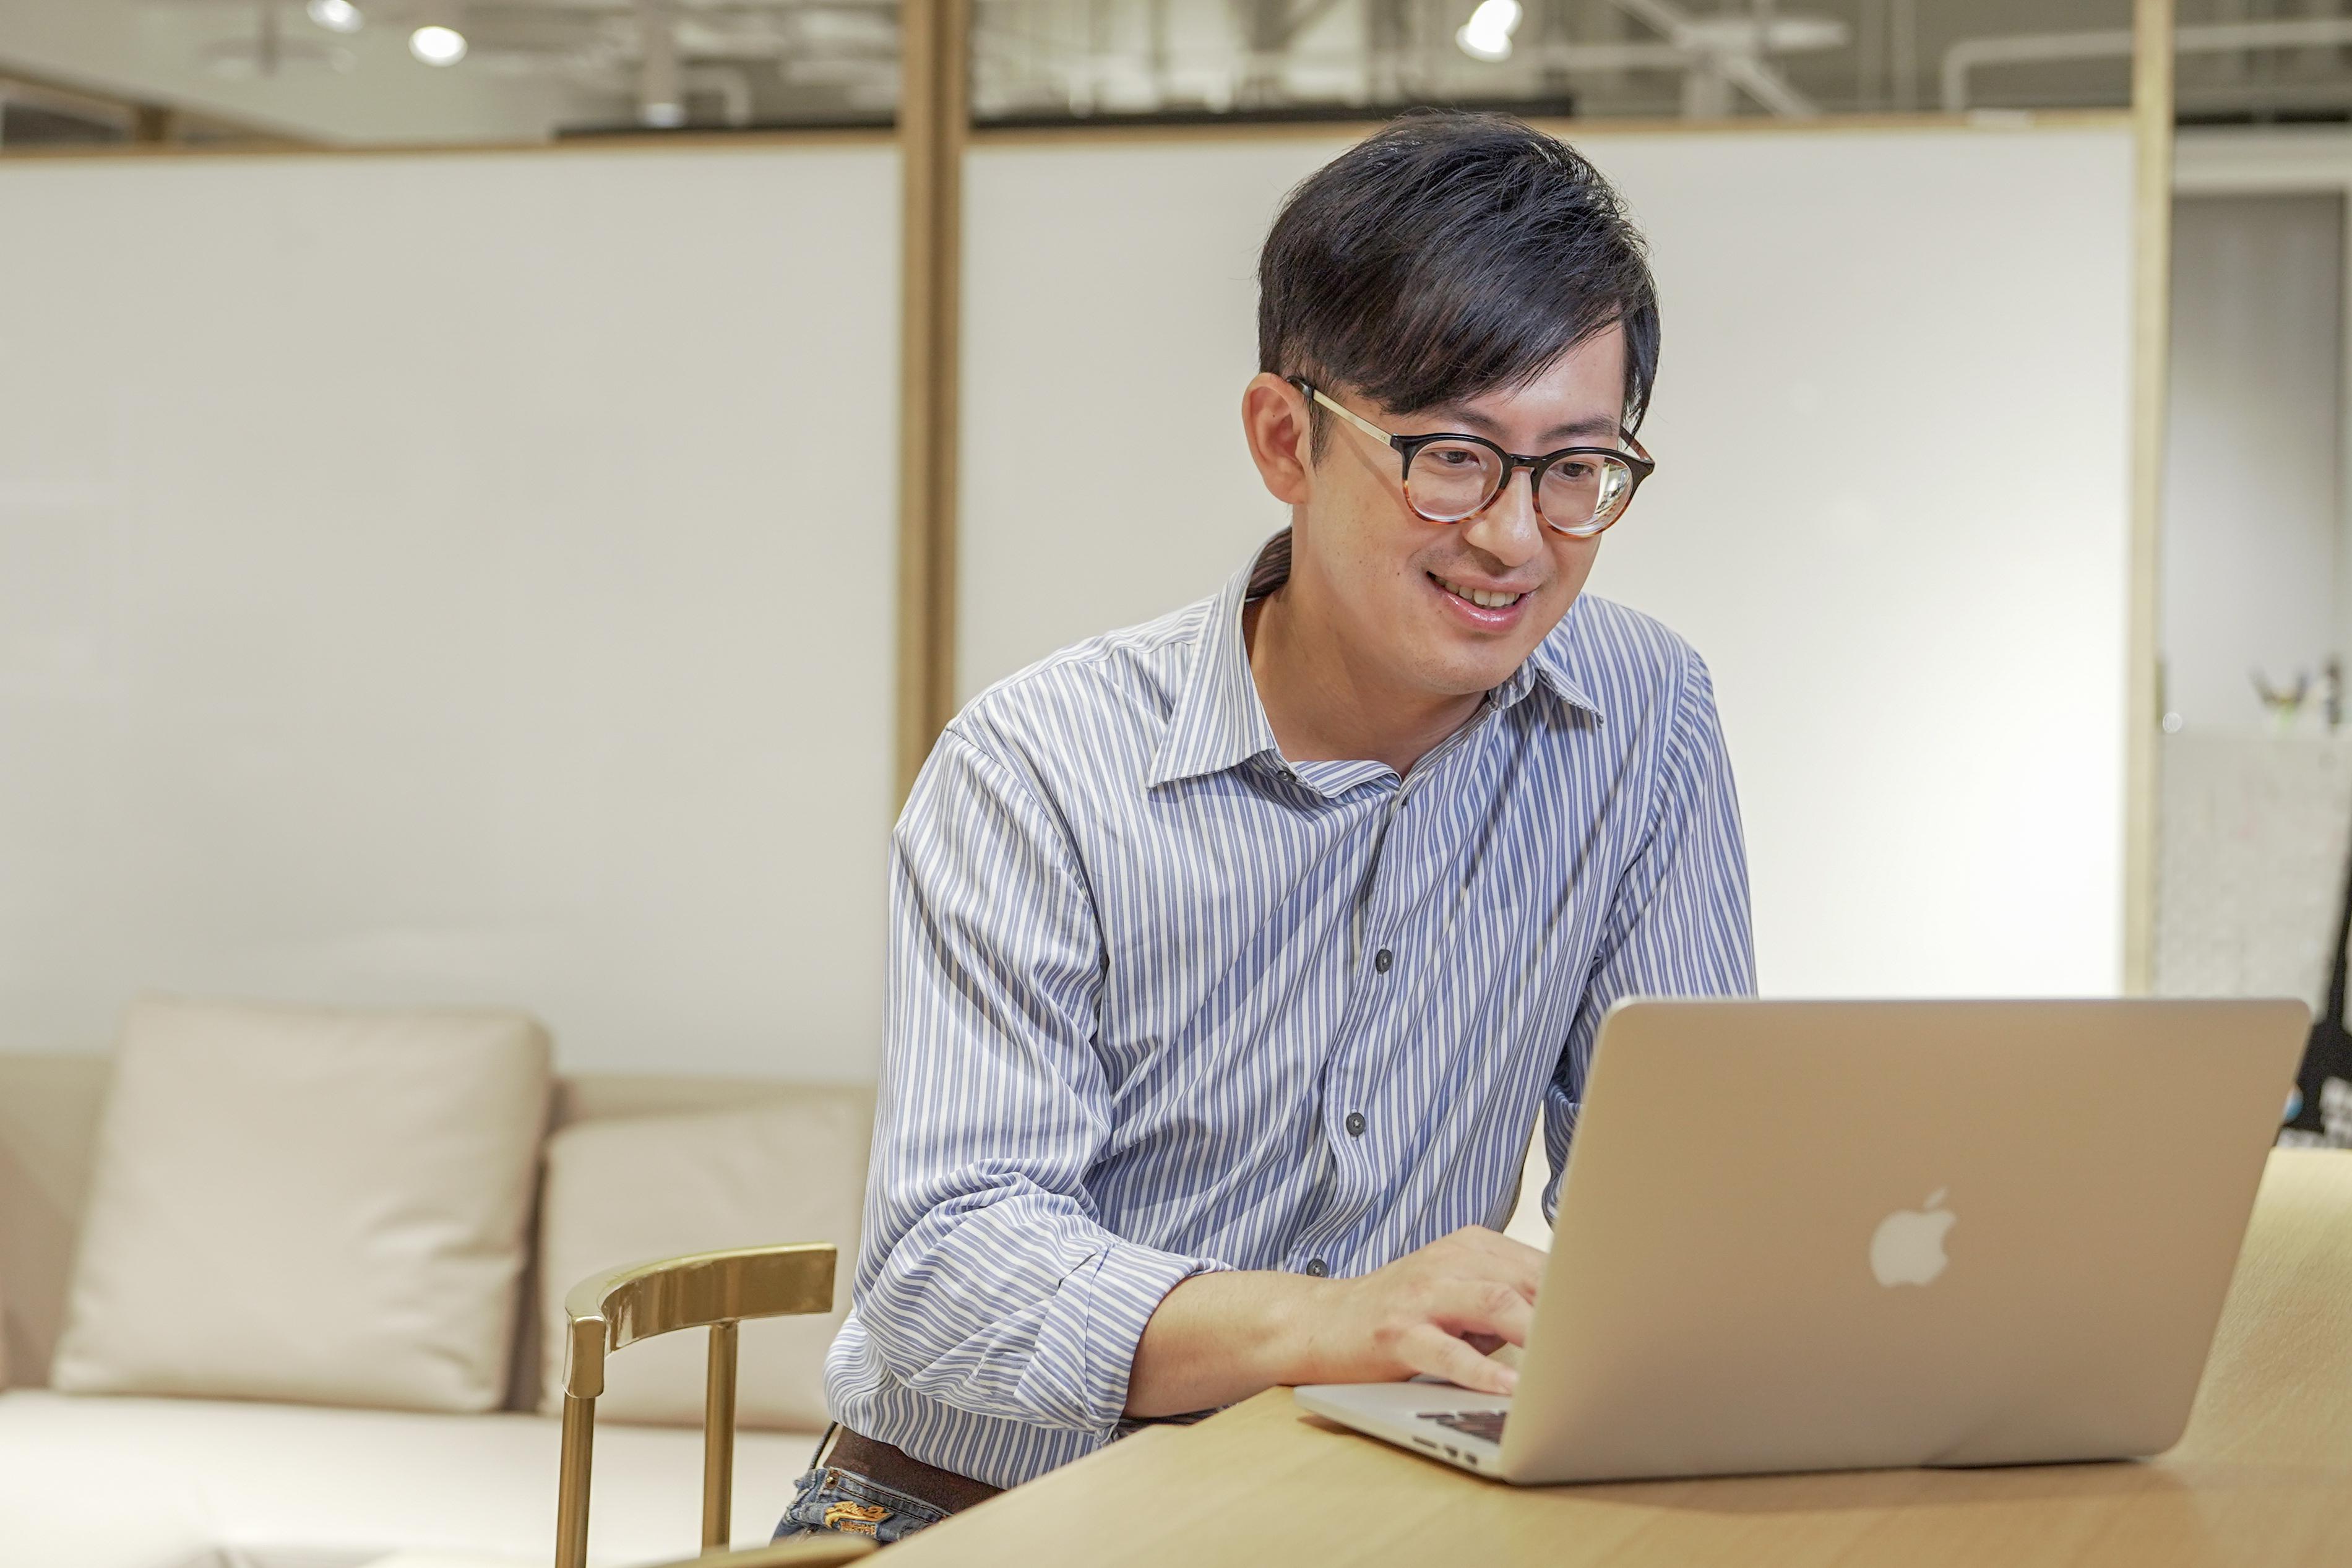 現任新北市安溪國中老師吳俊叡從成大工業設計畢業後發現,厲害的設計作品是為了改變人類的生活,但其實教育才能真正為人類帶來改變,便毅然決然投入教職工作。